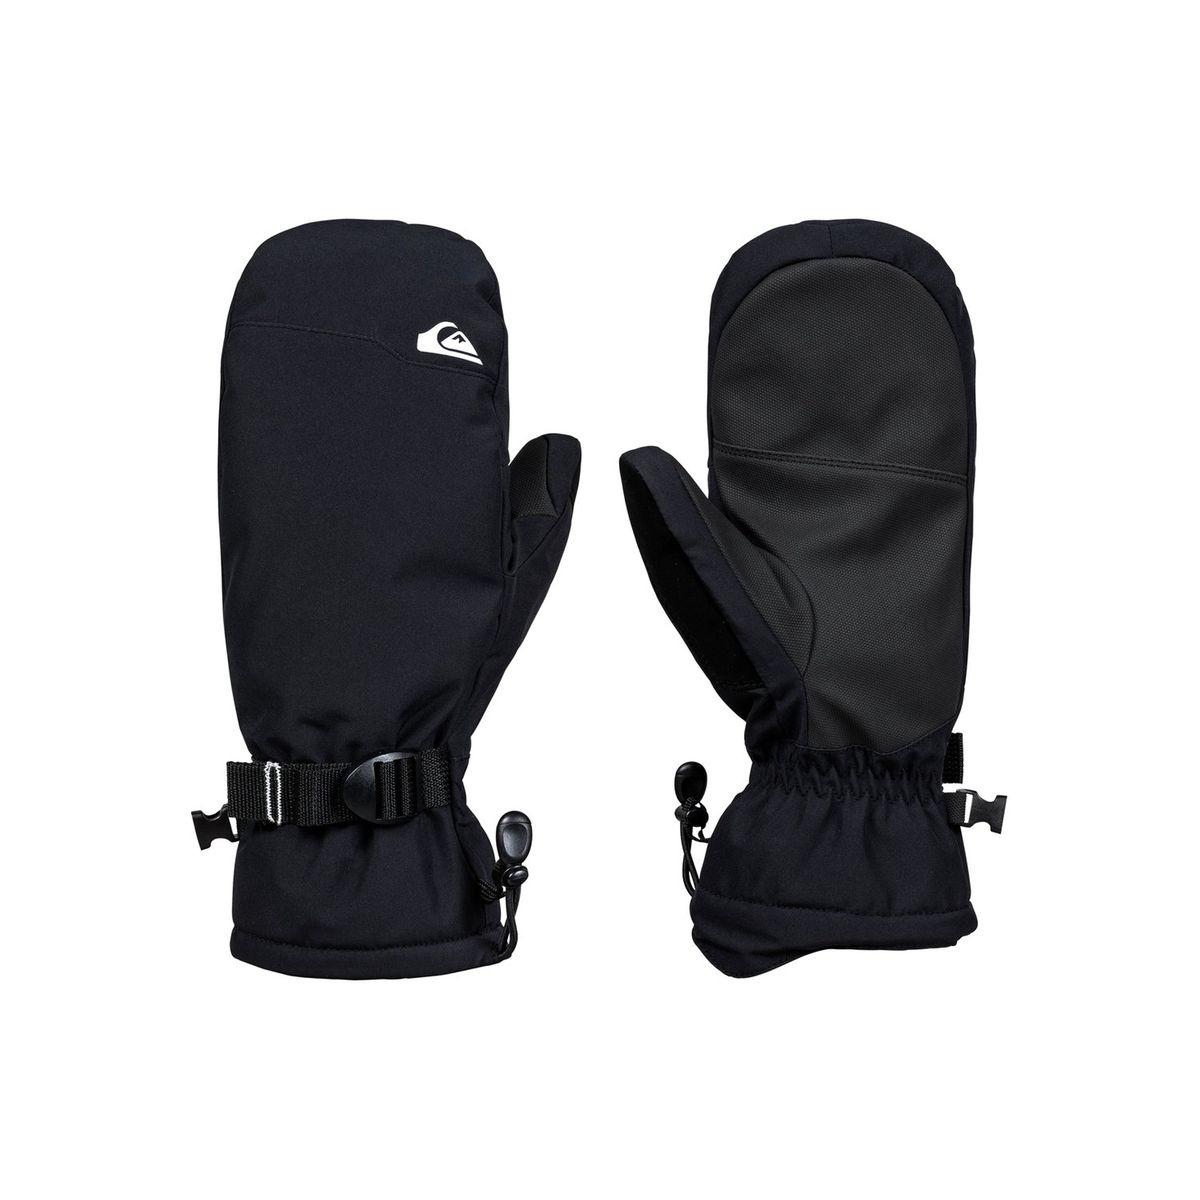 Moufles de ski/snowboard MISSION